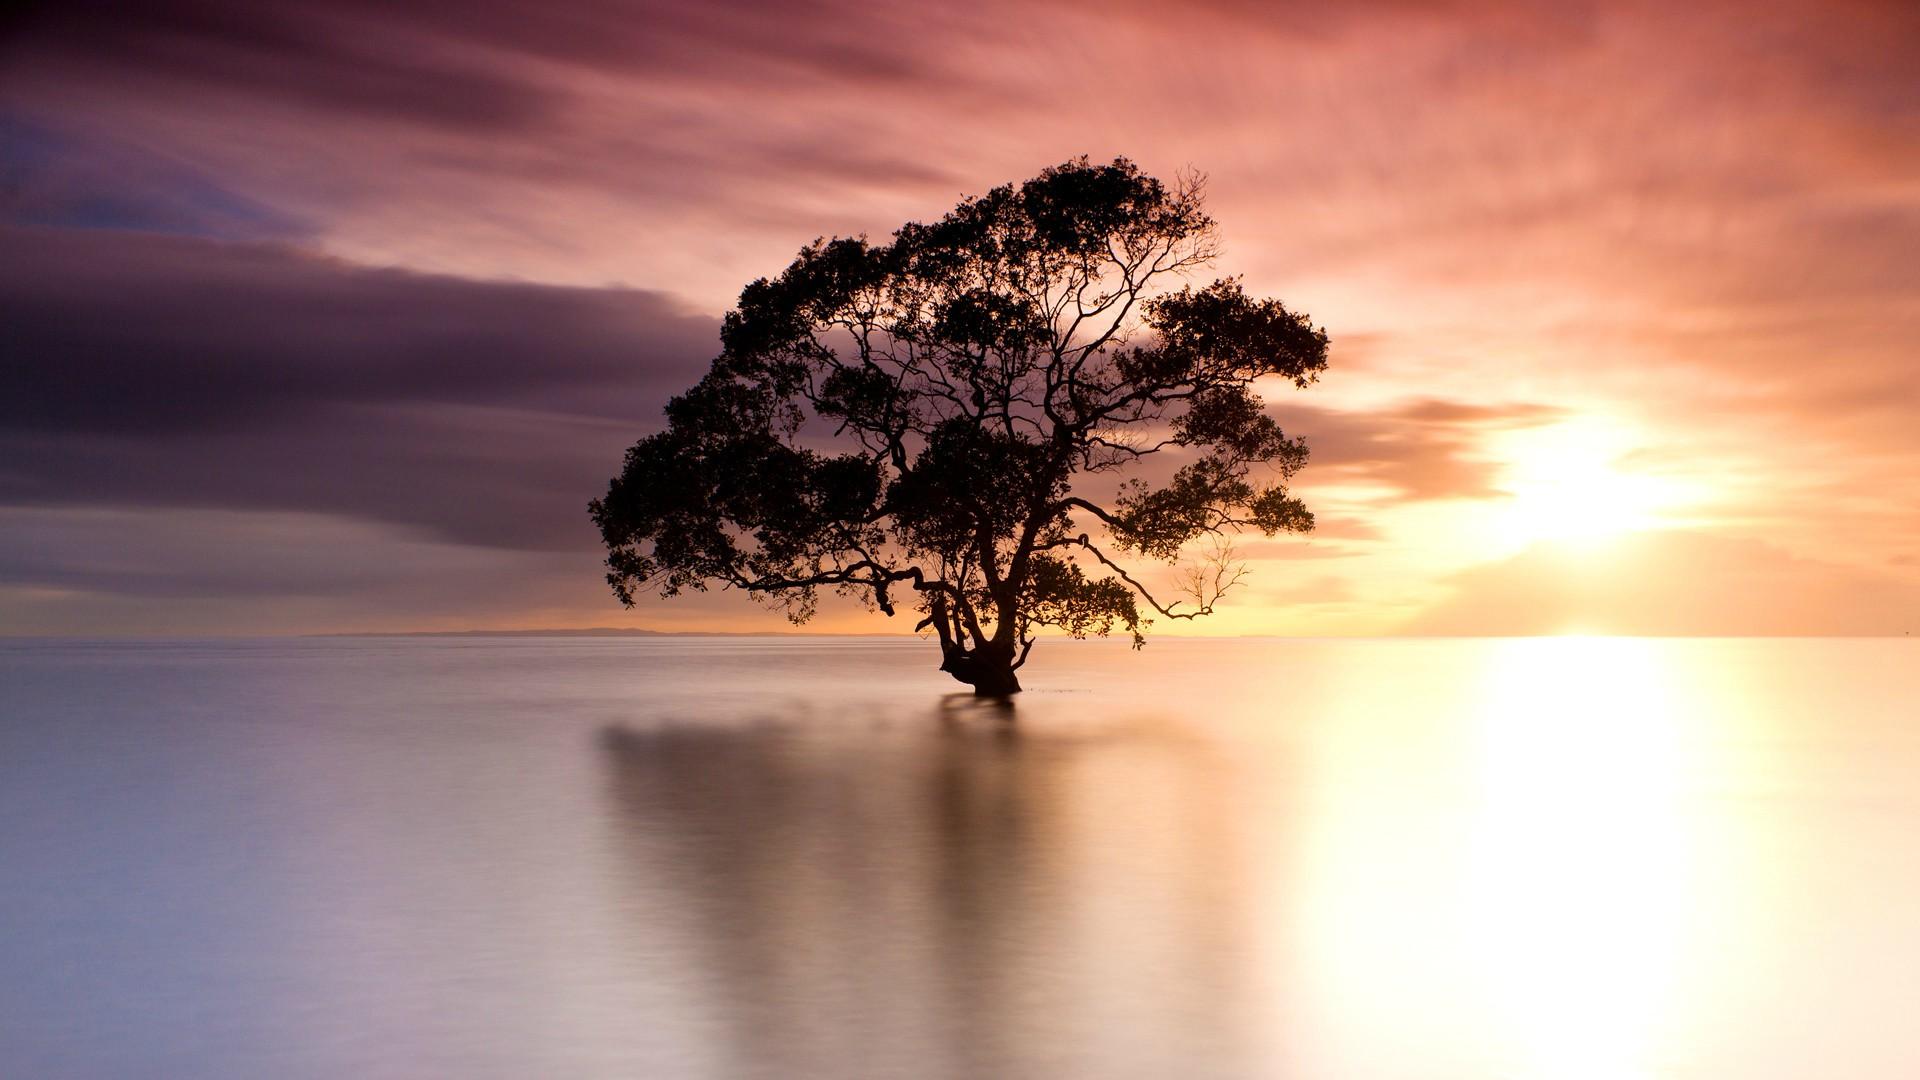 рассвет озеро небо дерево смотреть